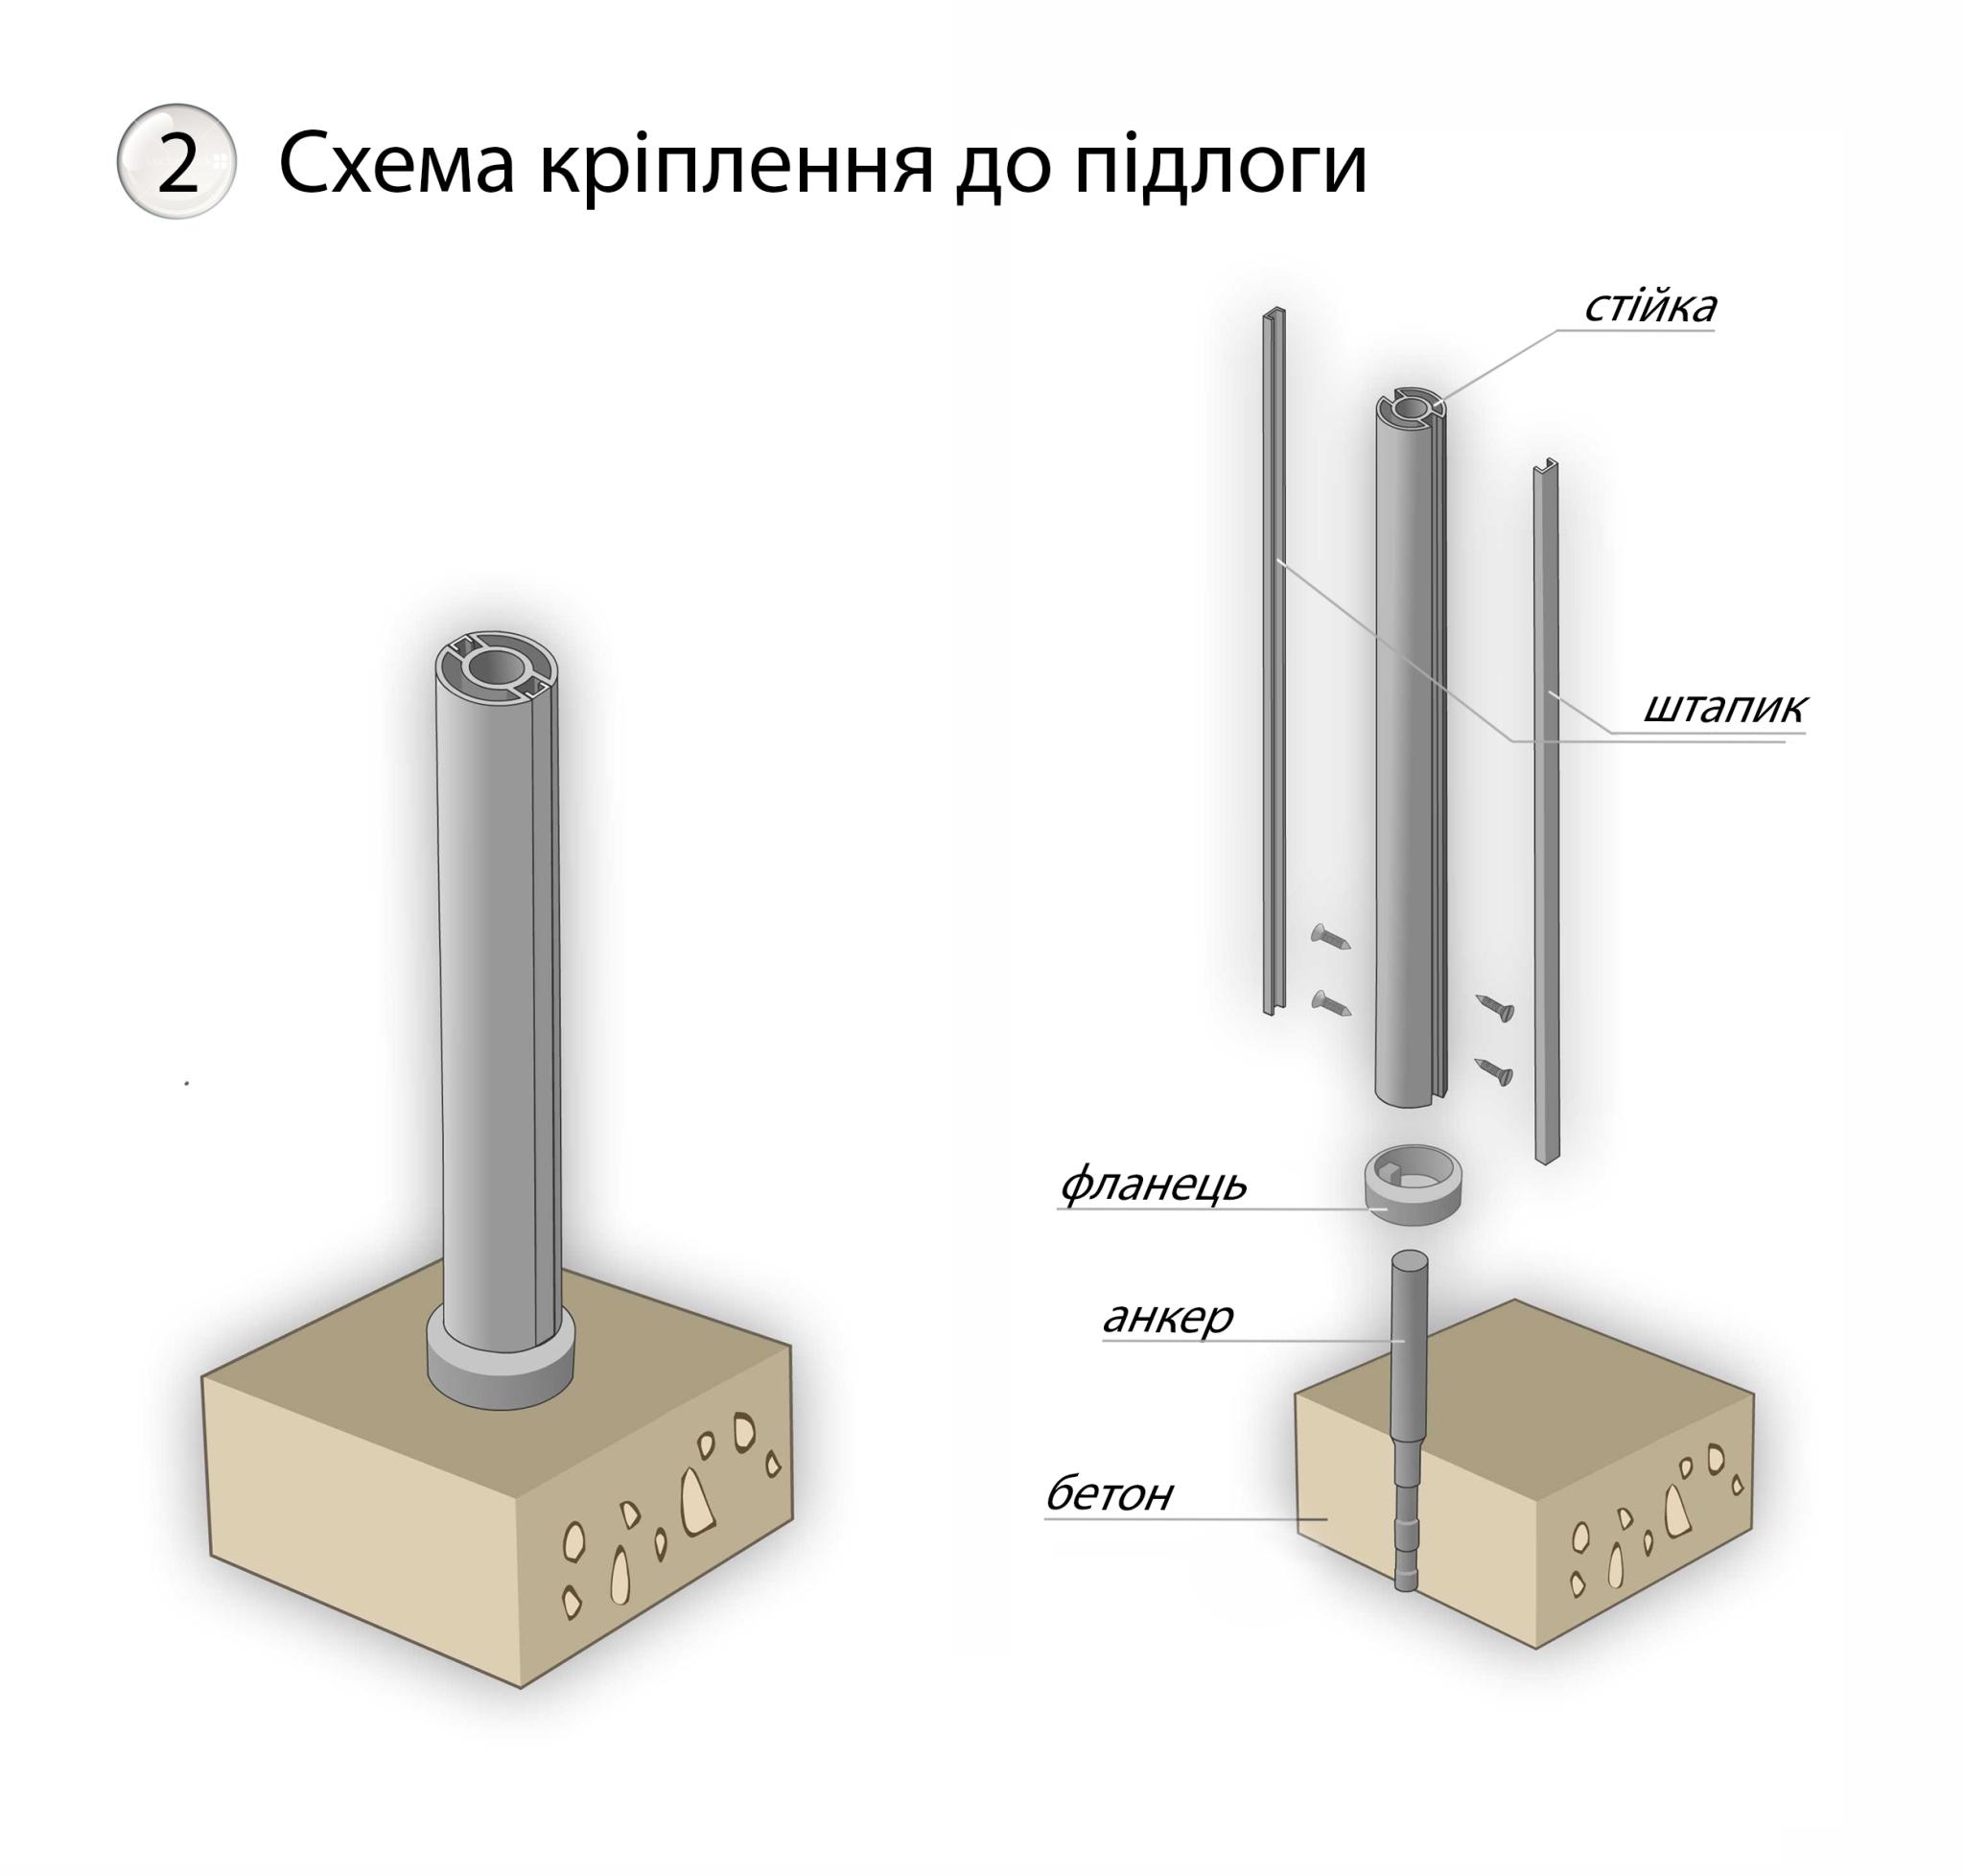 Схема кріплення до підлоги